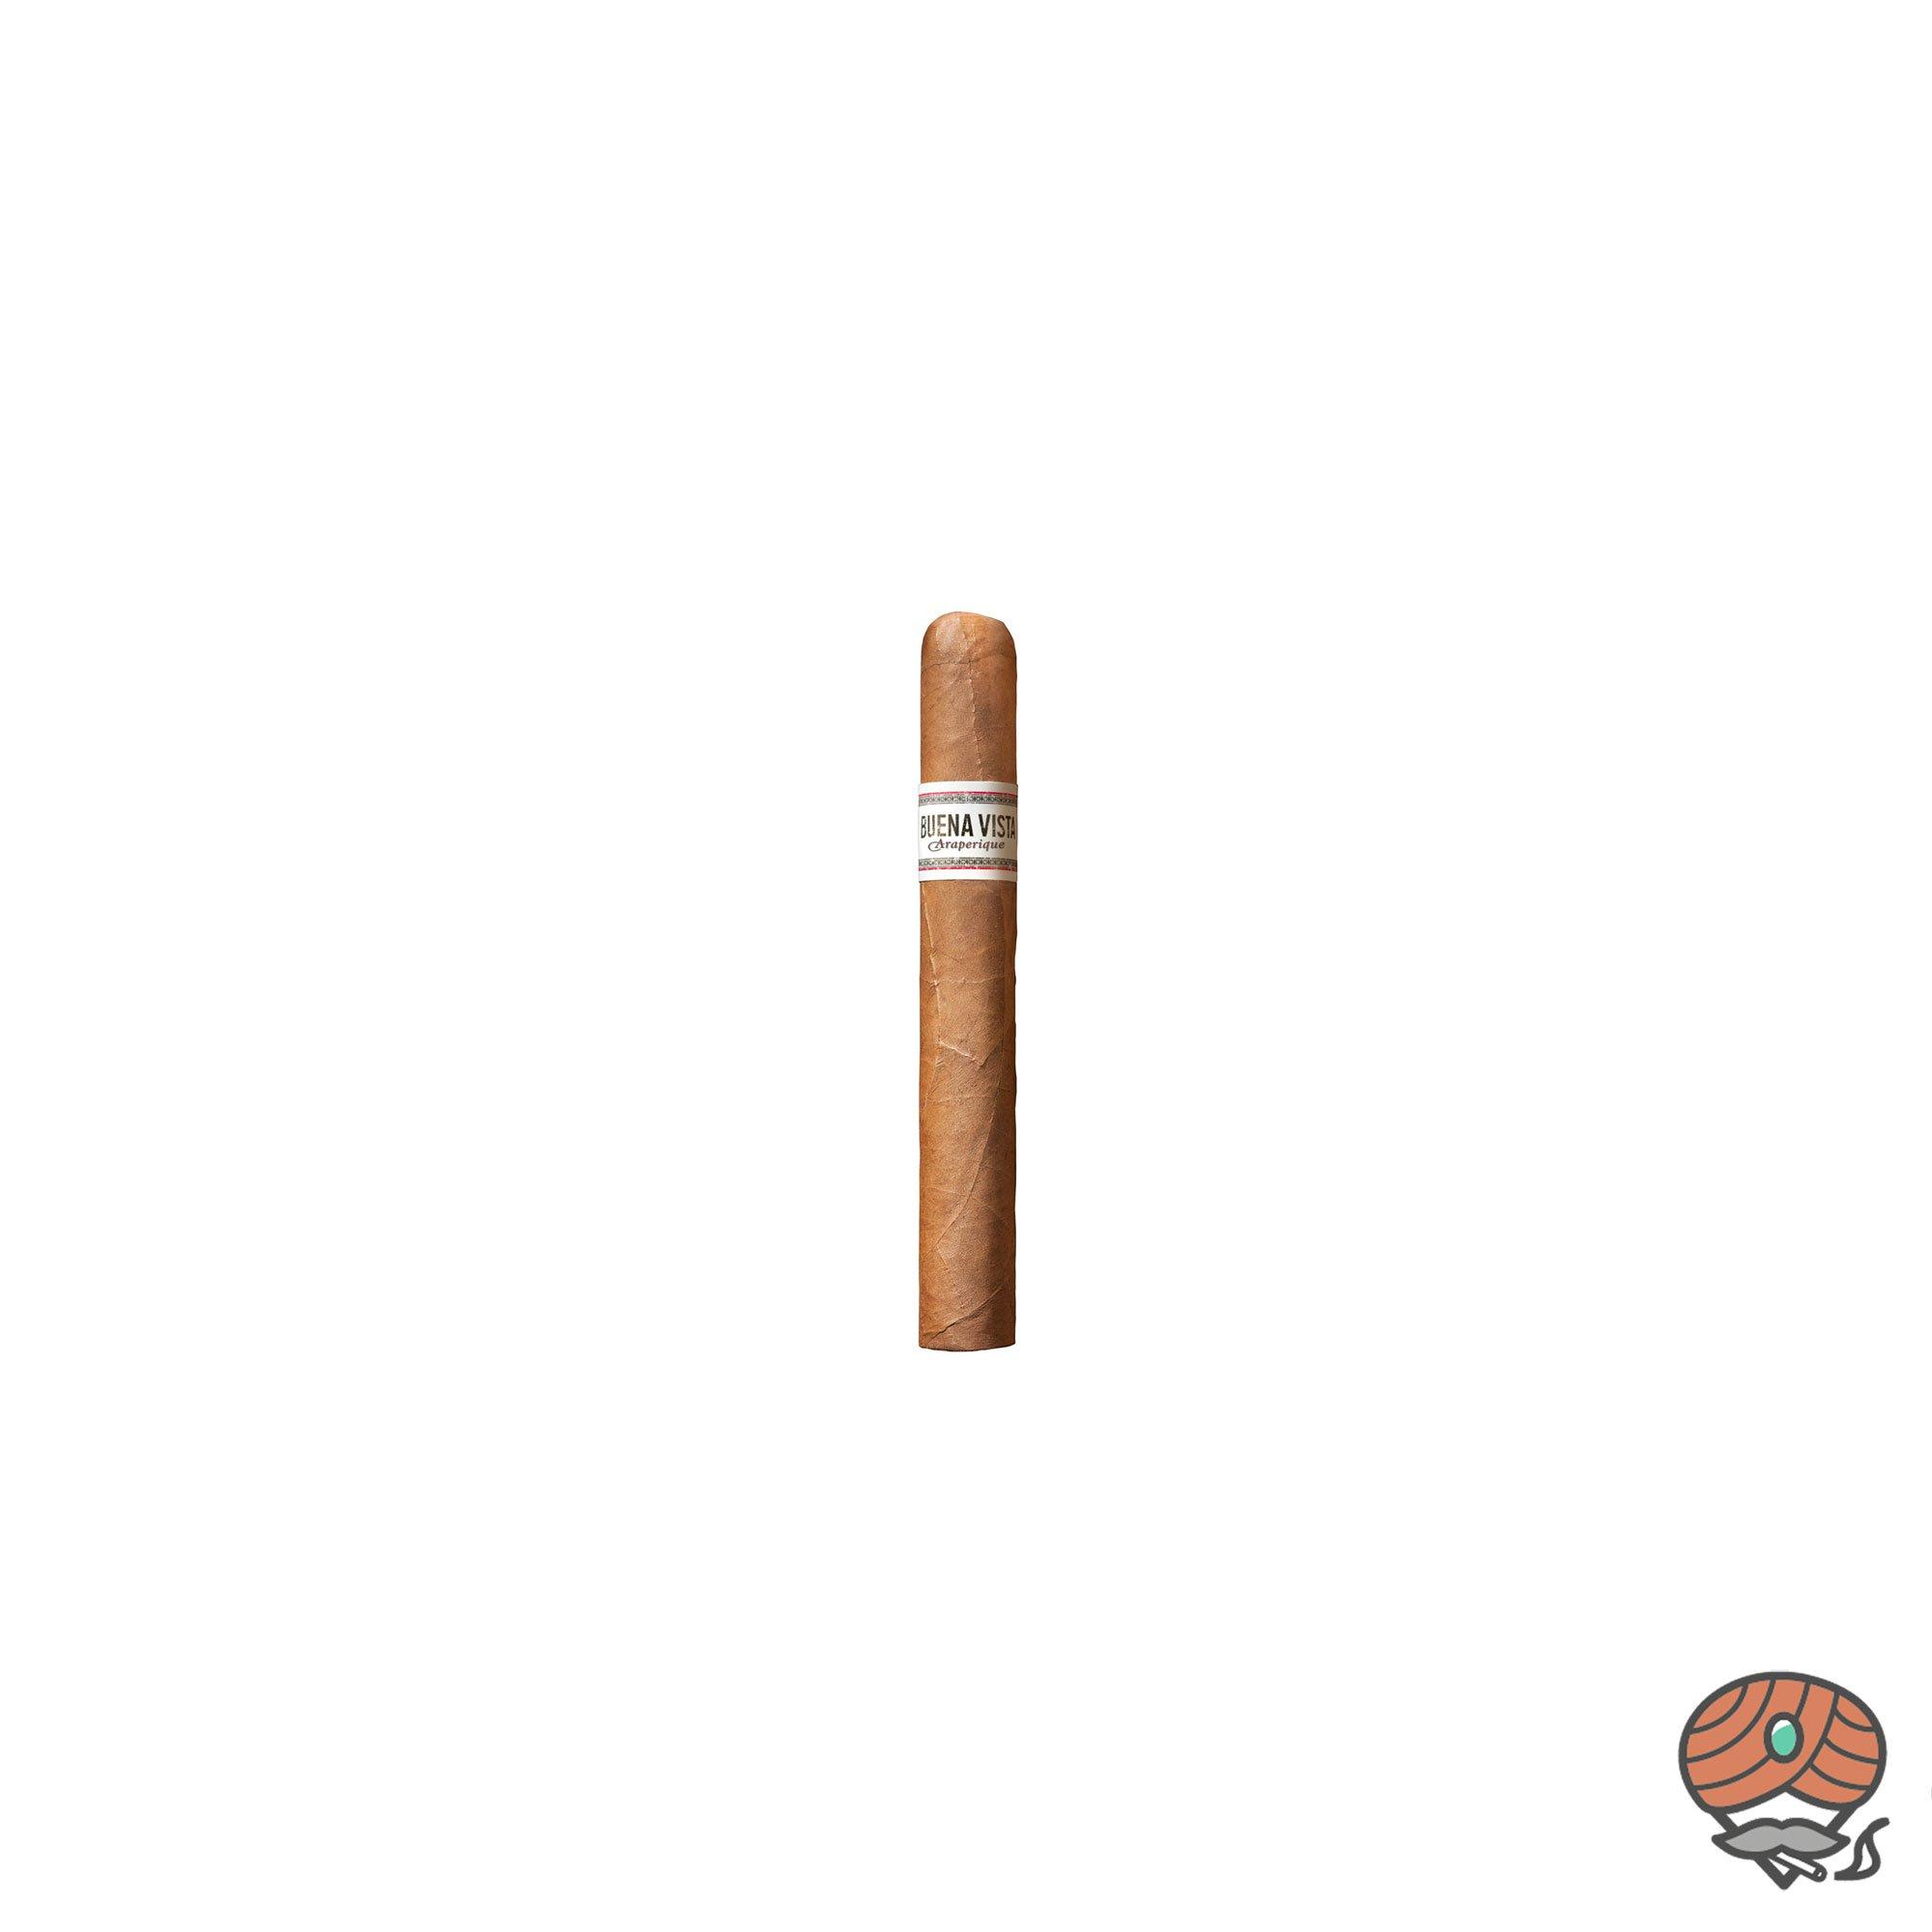 Buena Vista Araperique Petit Corona Zigarre Dominikanische Republik